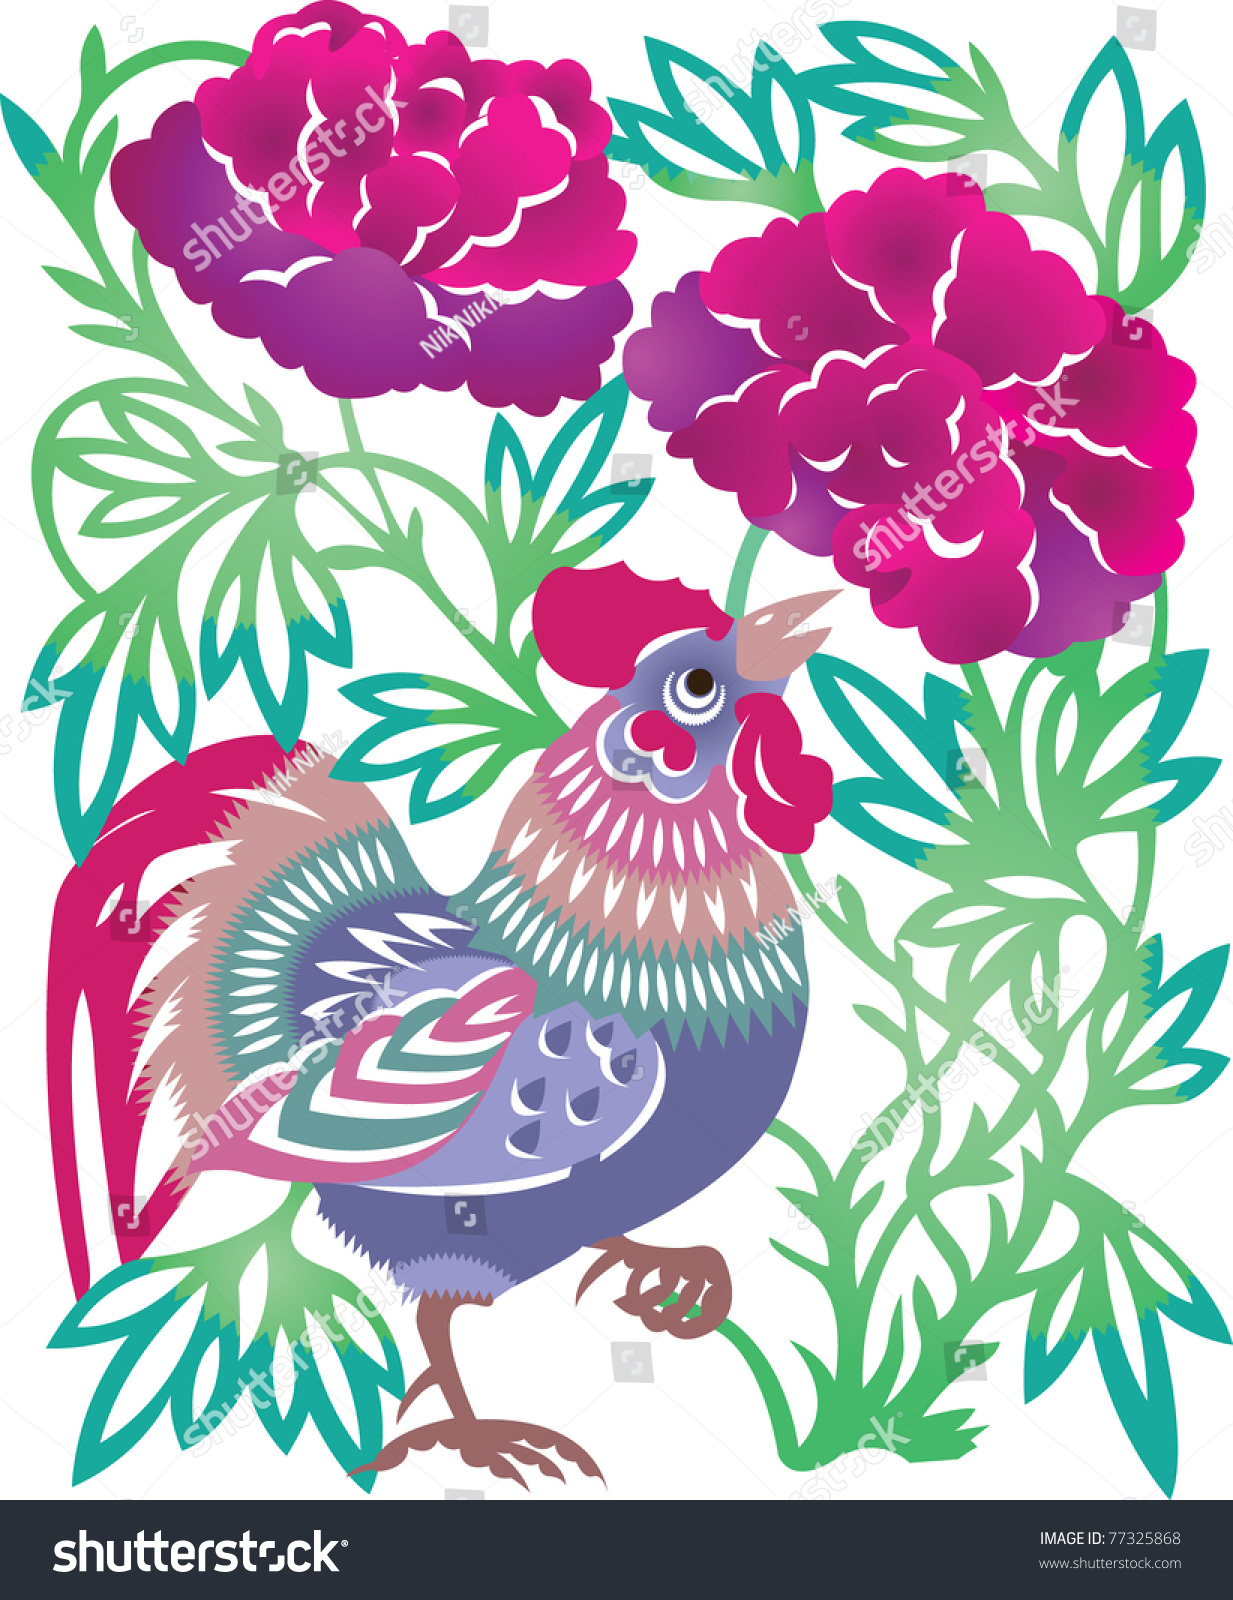 向量.中国传统彩色剪纸.-动物/野生生物